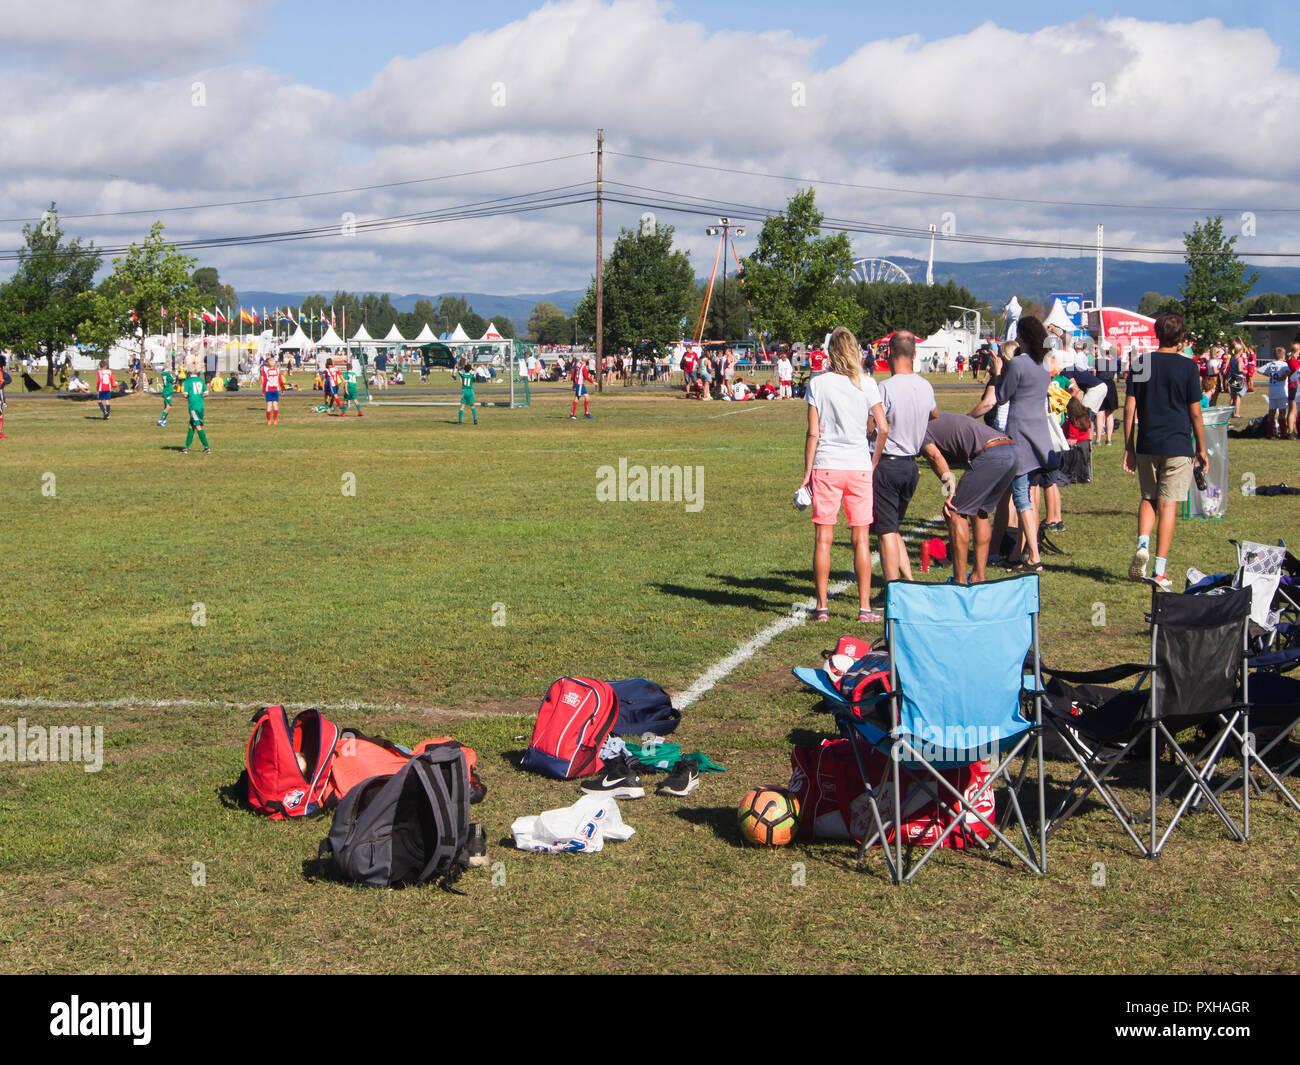 La Norvège cup, un tournoi de soccer annuel à Oslo Norvège avec des jeunes du monde entier, sur la ligne de côté à Ekebergsletta Photo Stock